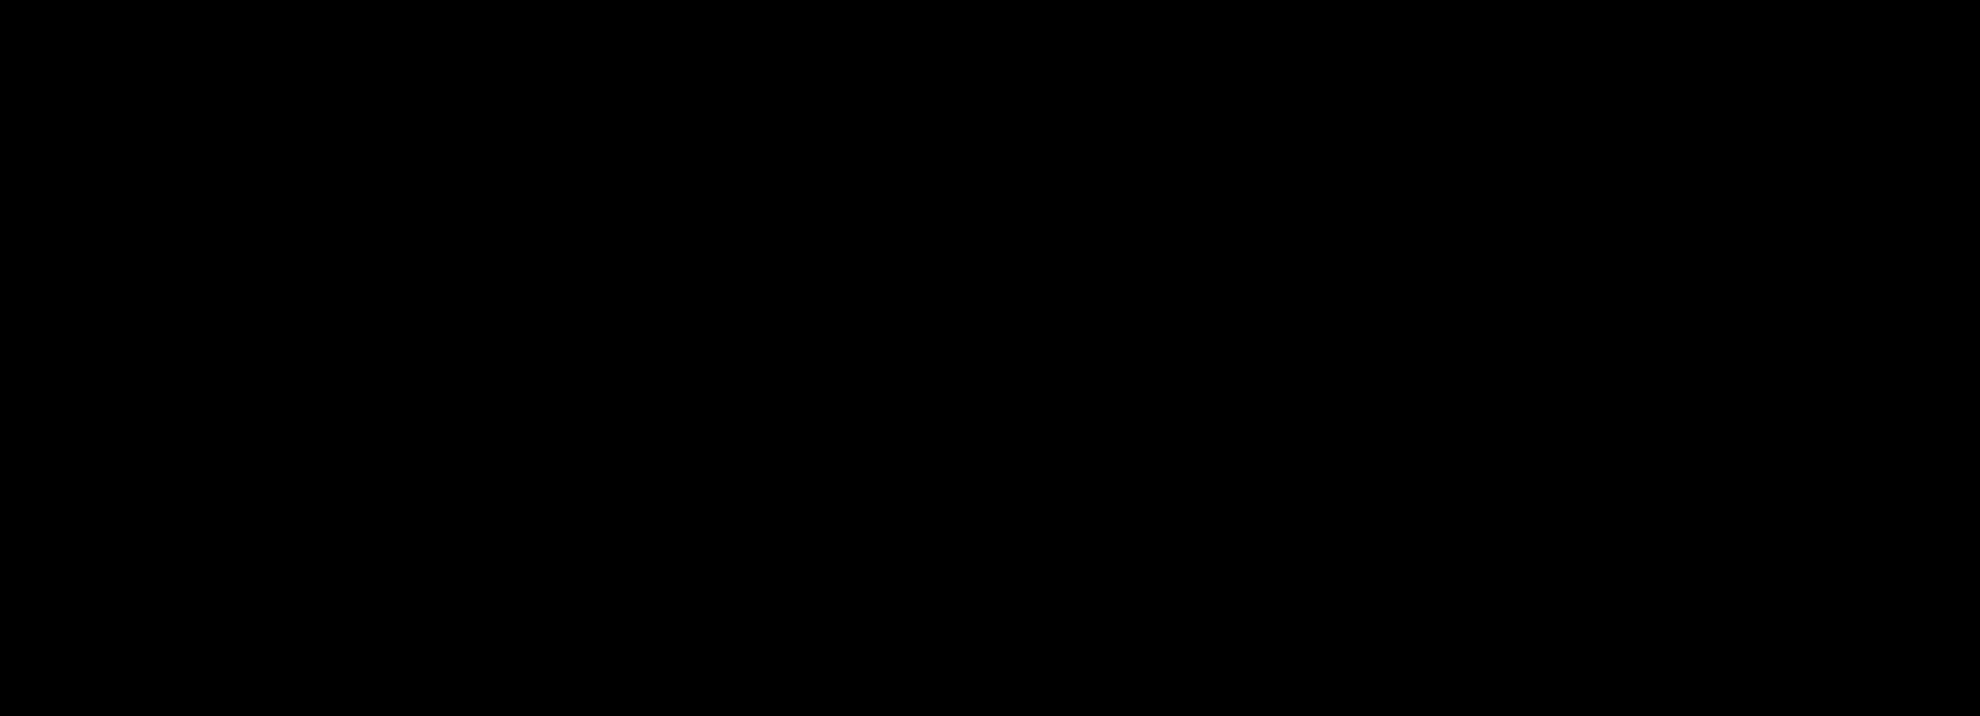 2-(Diethylamino)-N-((3-(3-methoxyphenyl)isoxazol-5-yl)methyl)acetamide